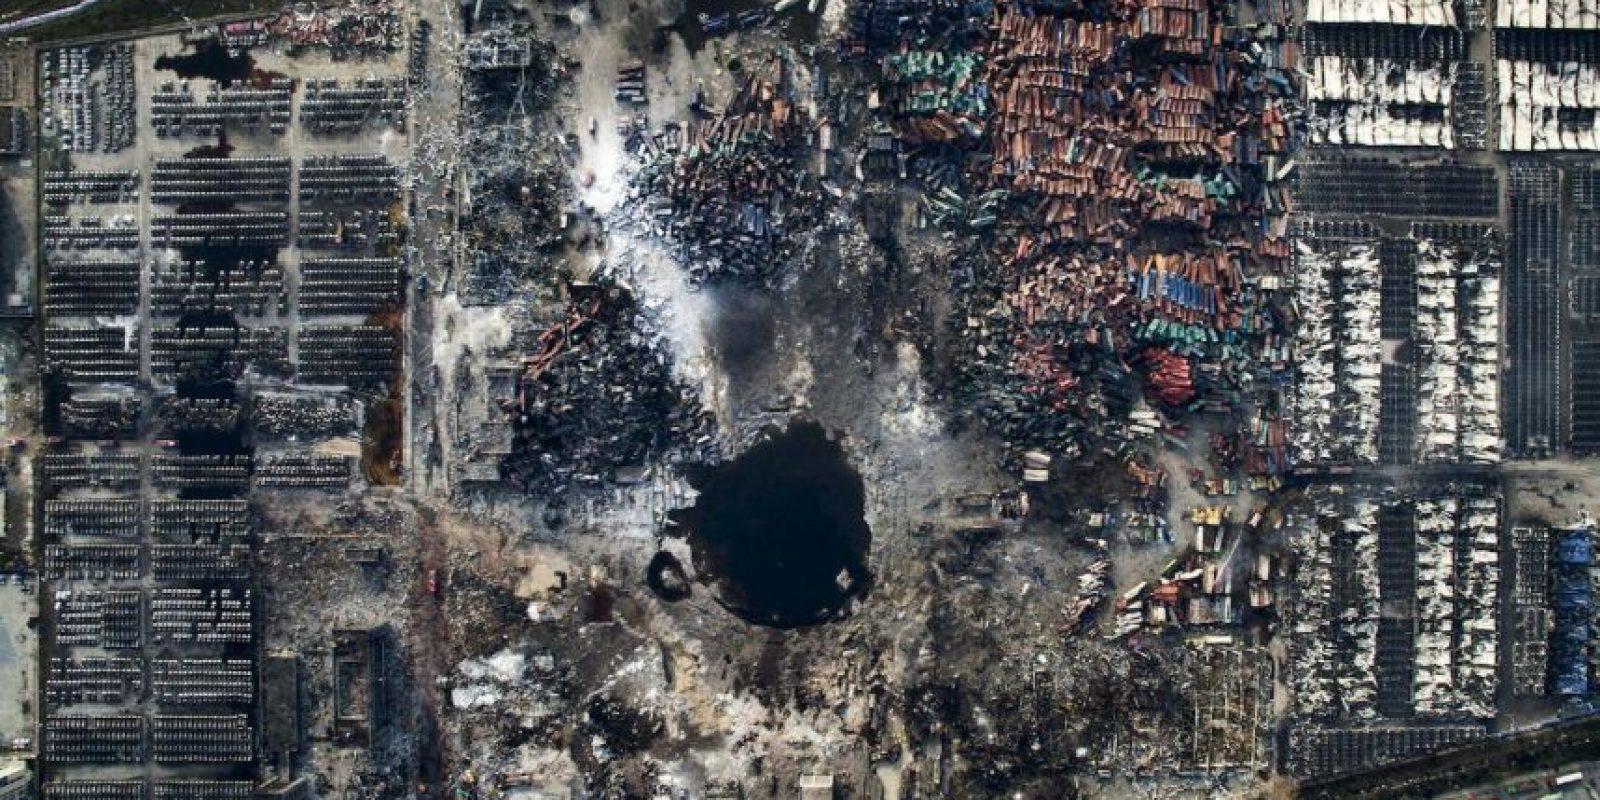 Chen Jie. Vista aérea de la explosión en Tianjin, China. Foto:worldpressphoto.org